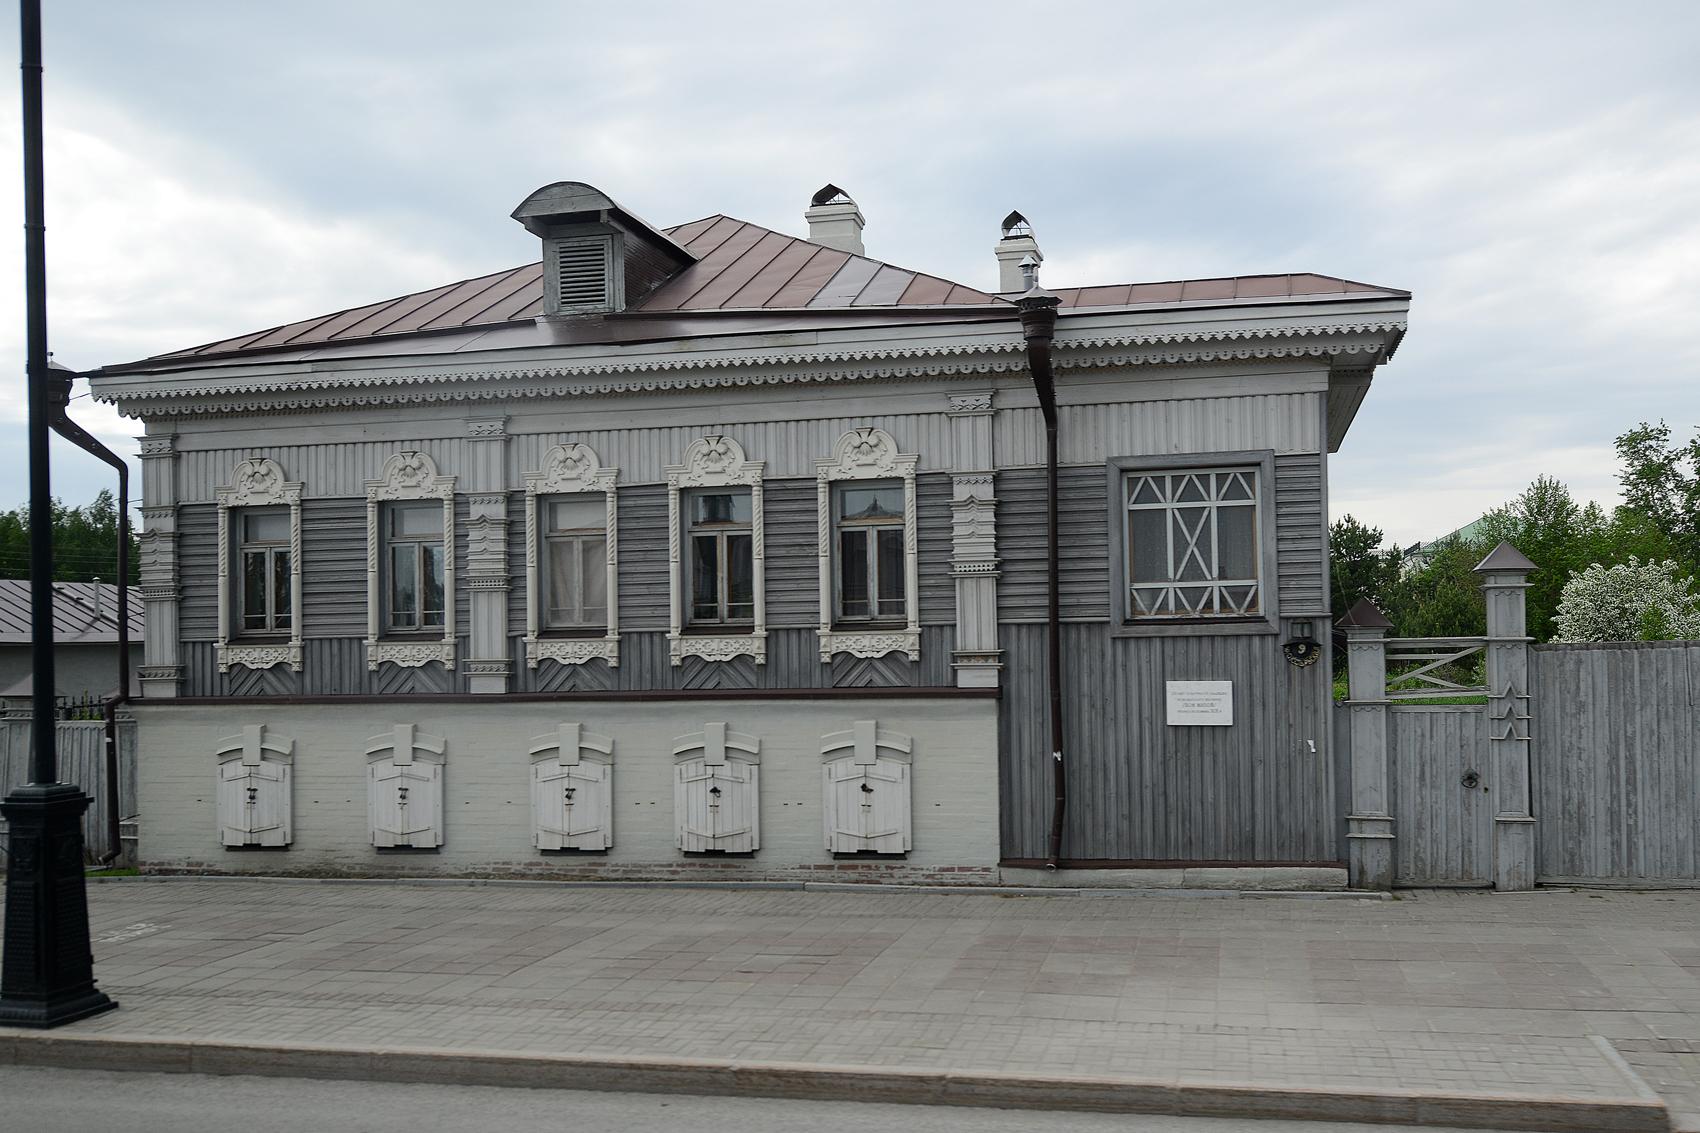 Tobolsk9